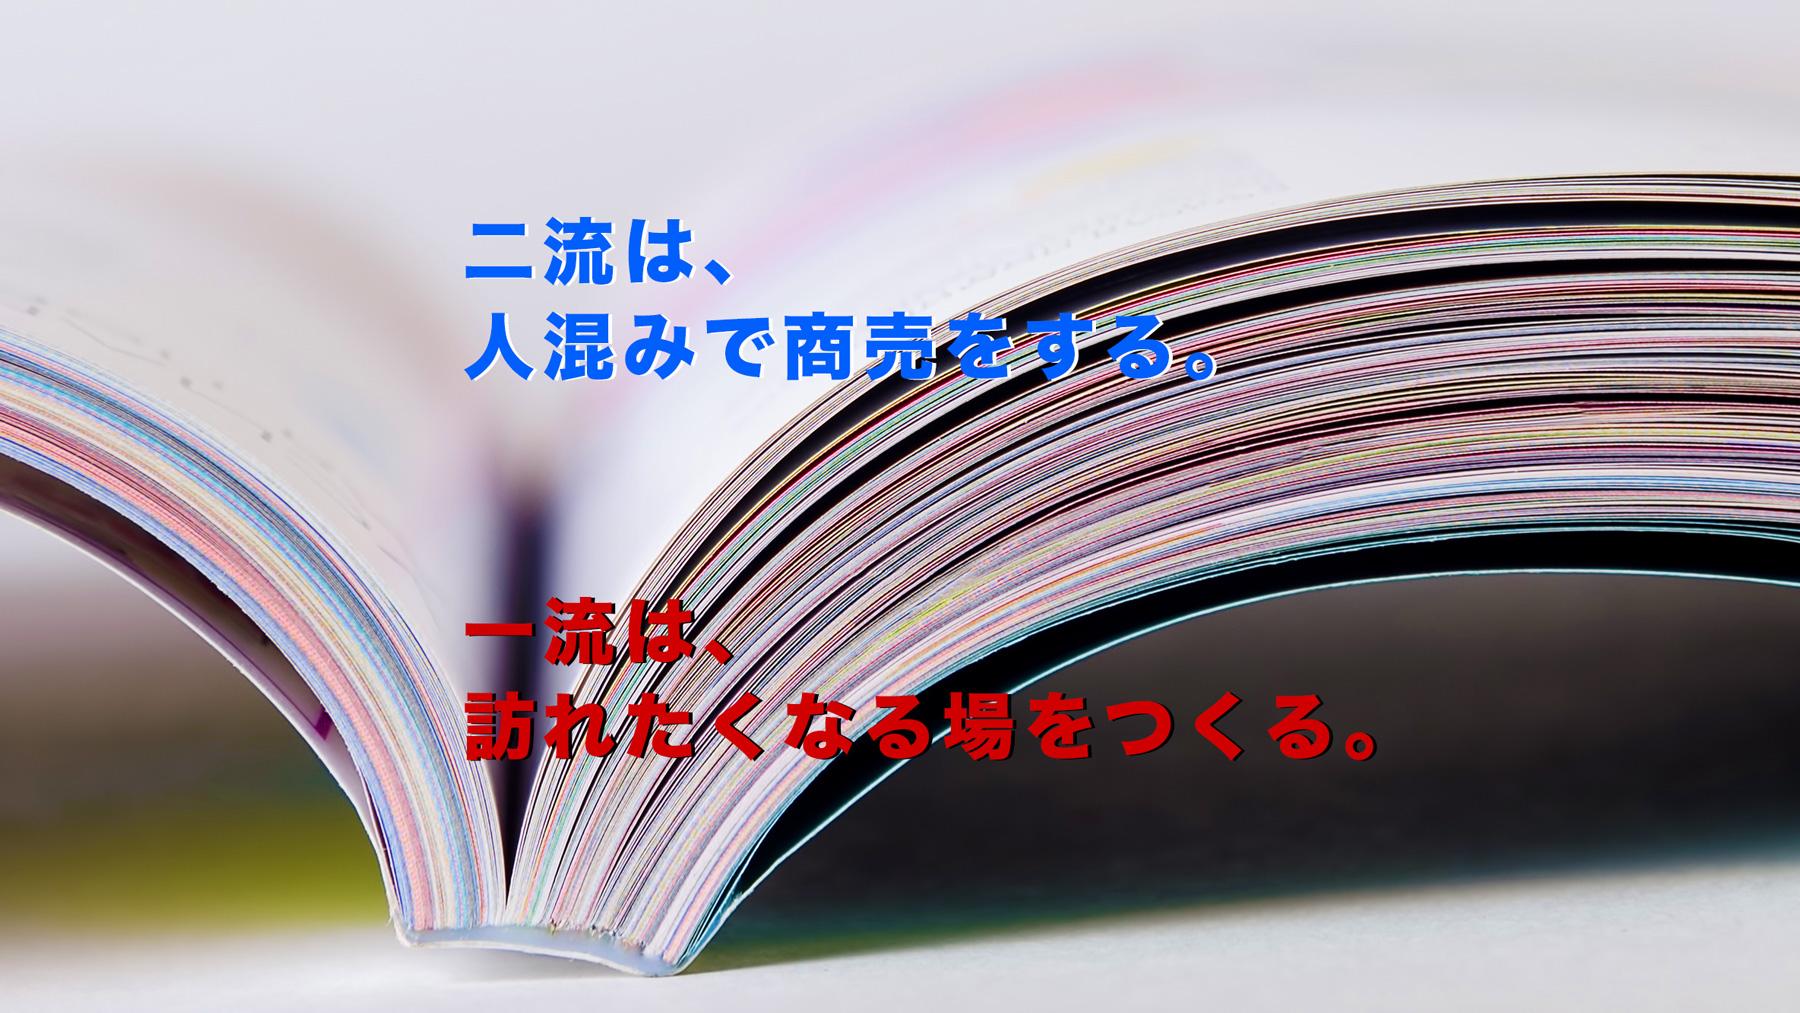 『リフォーム情報誌事情』通信